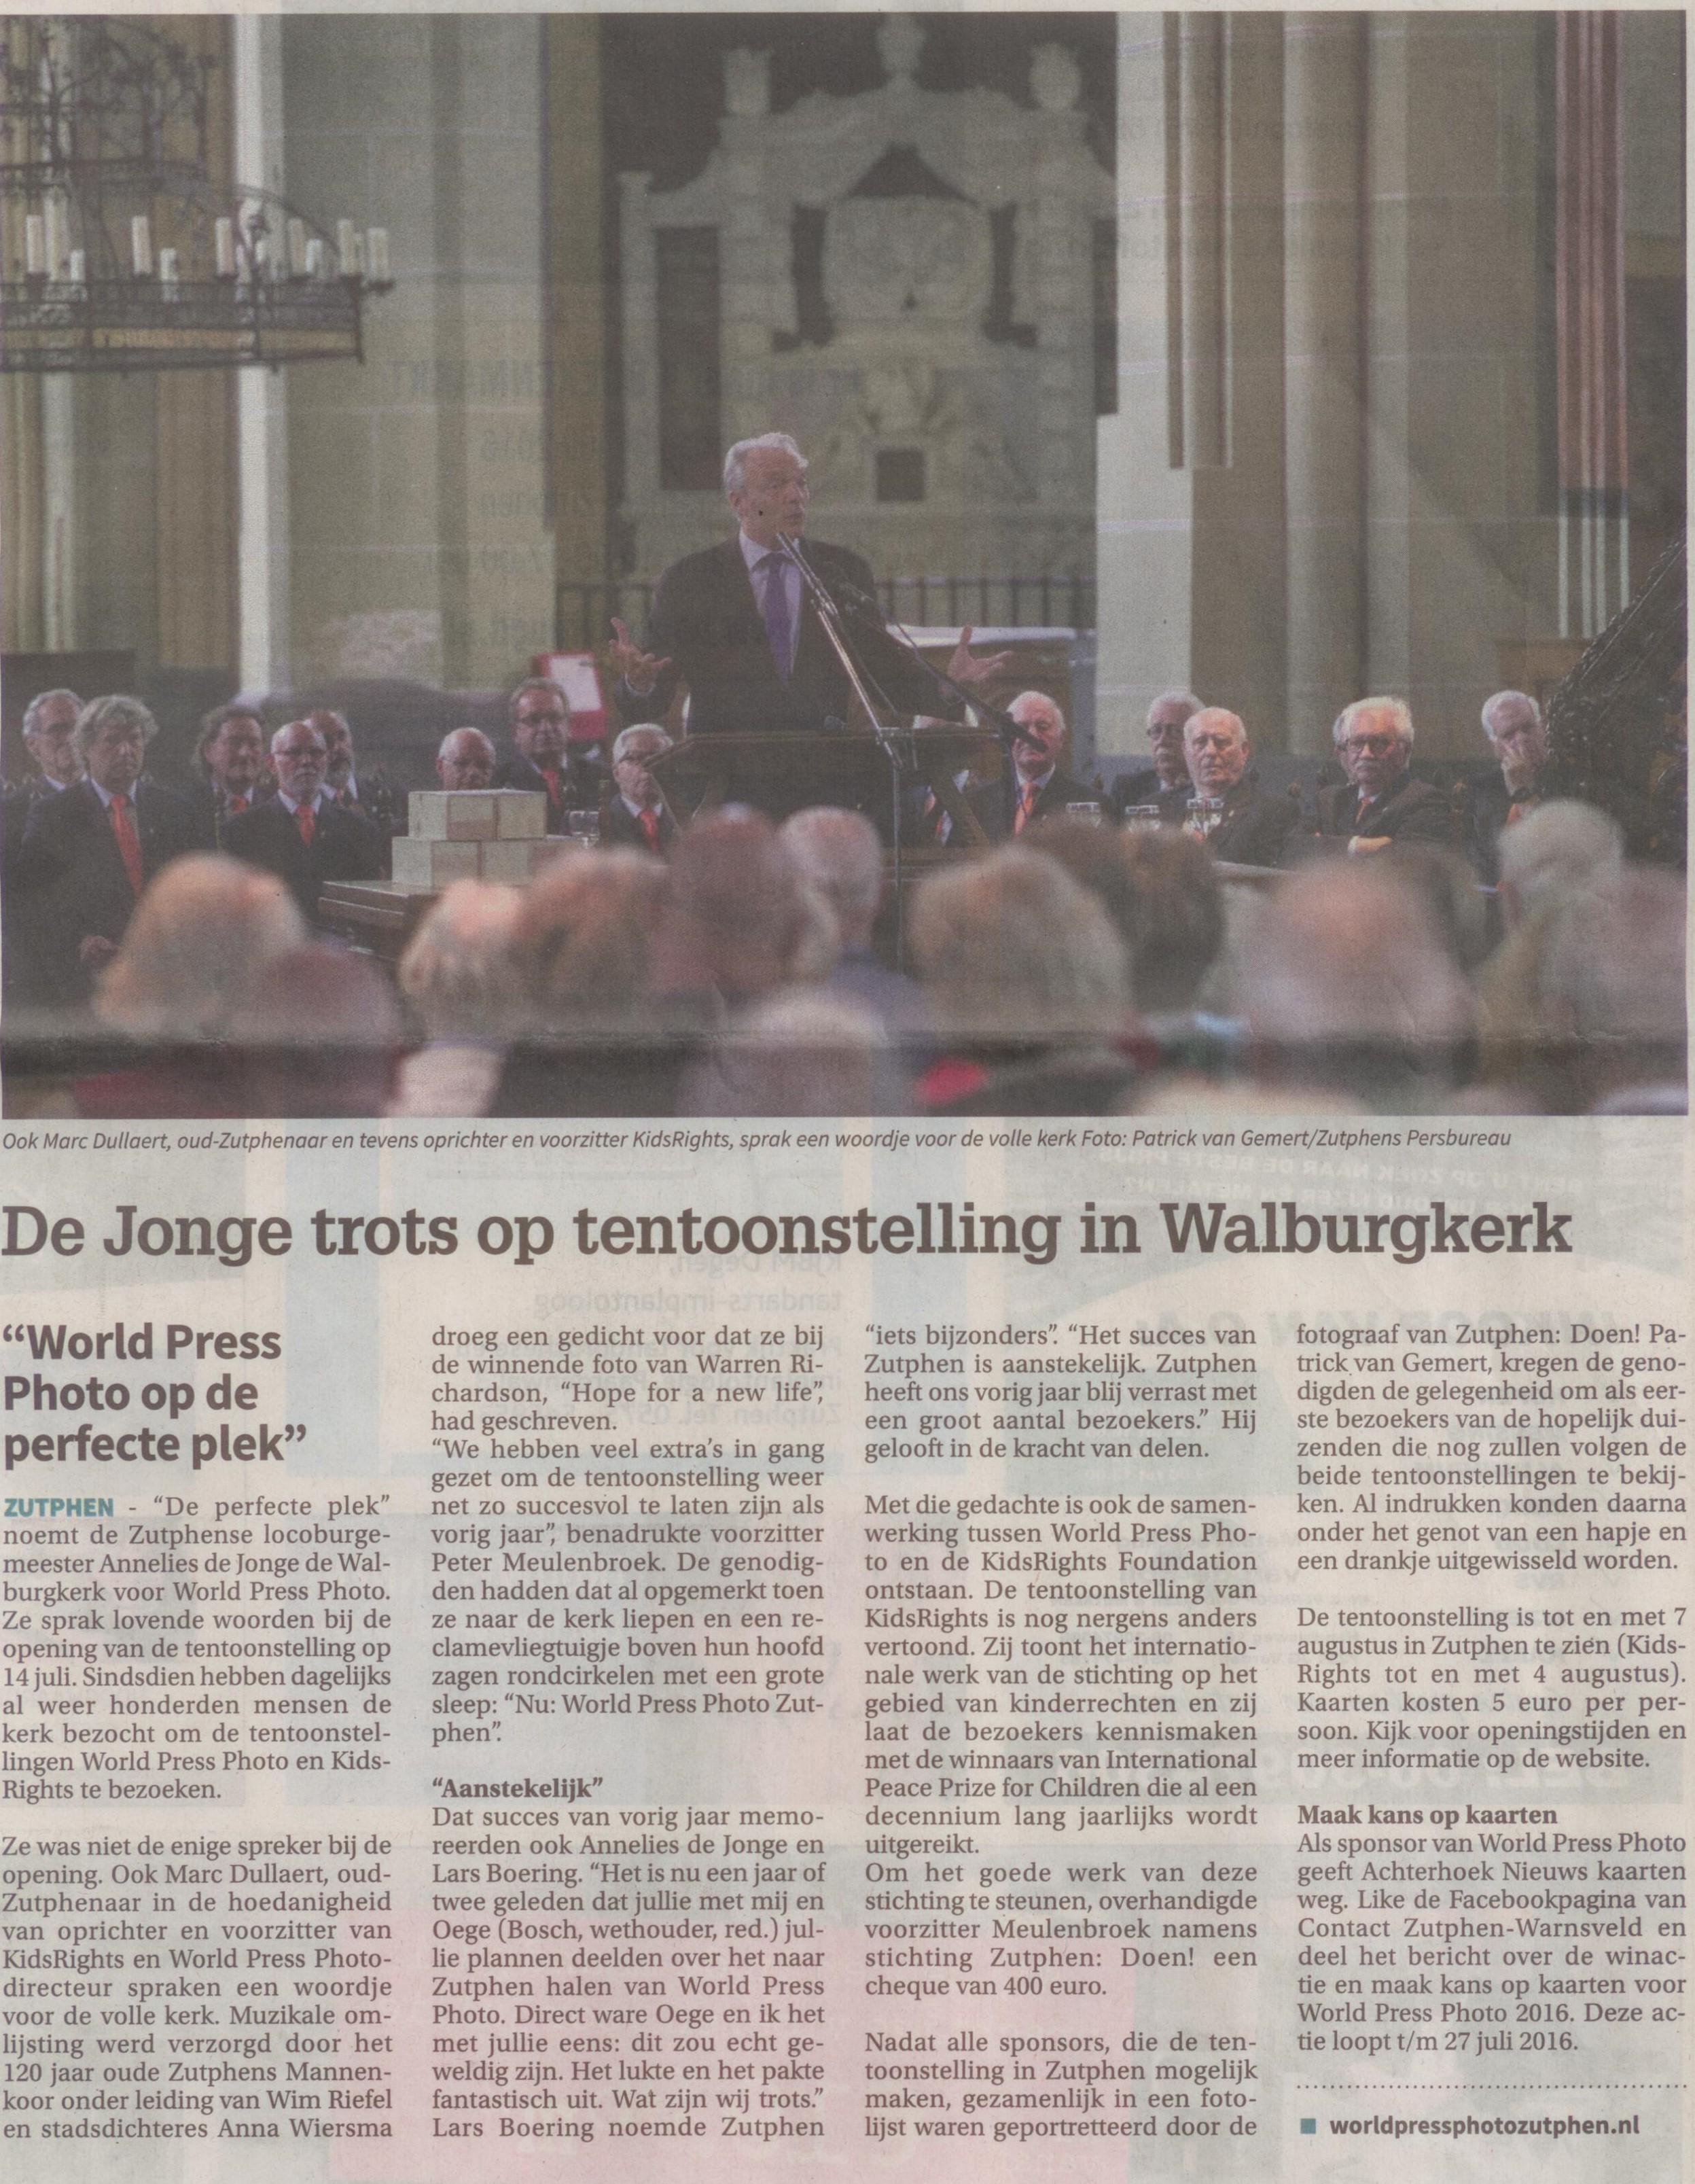 160721 Contact De Jonge trots op tentoonstelling in Walburgkerk